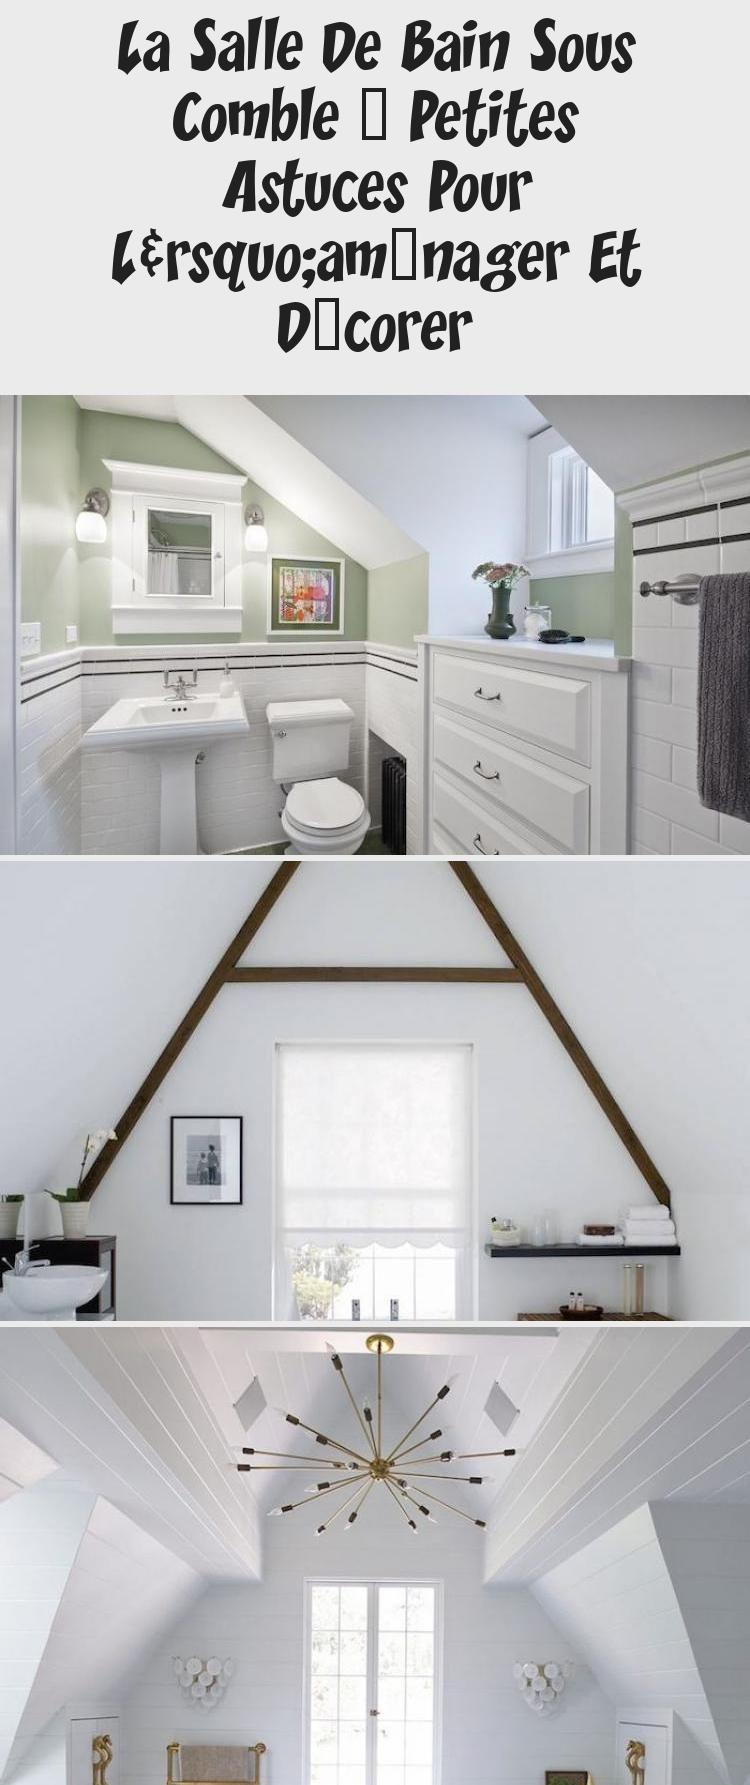 Carrelage Salle De Bain Gris Clair la salle de bain sous comble – petites astuces pour l